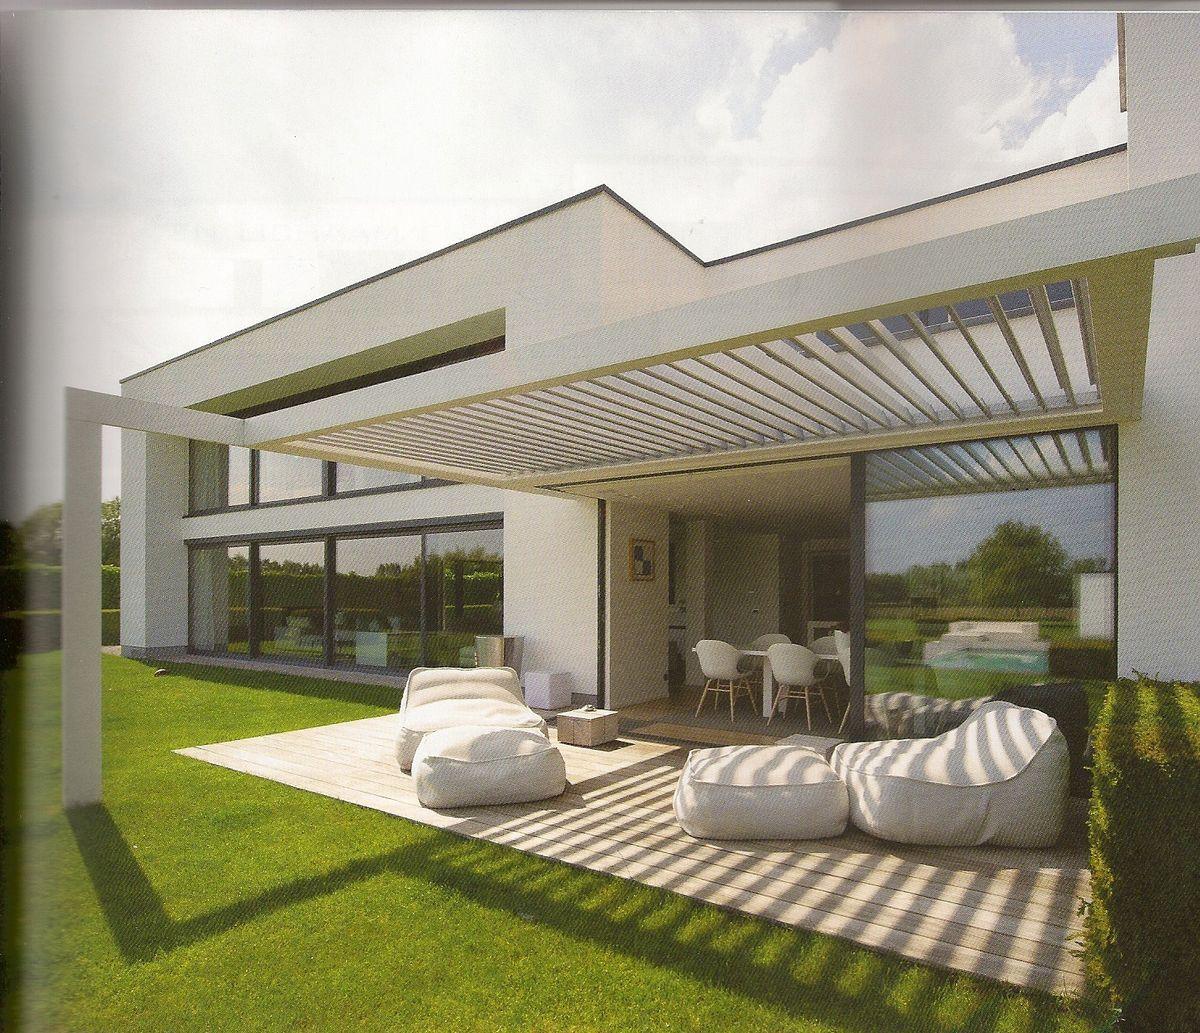 Pingl par alexandra vialle sur meubles maison veranda et id es v randa - Auvent maison moderne ...